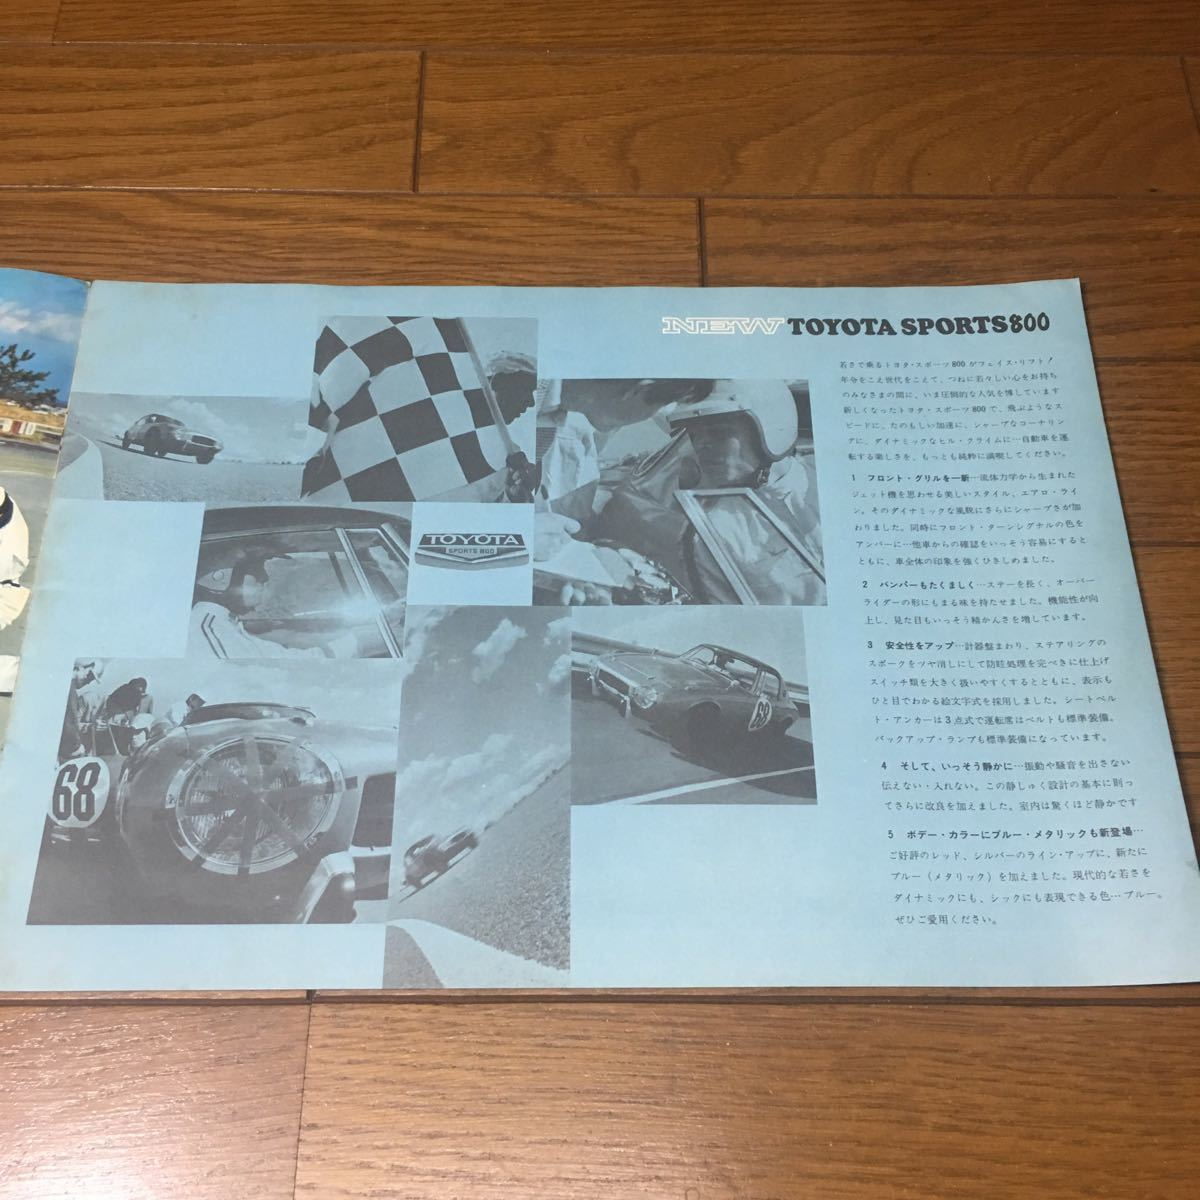 復刻版ではございません 絶版 旧車カタログ トヨタ スポーツ800 超貴重な青表示 当時物 昭和 希少滅多にでてきません。_画像3